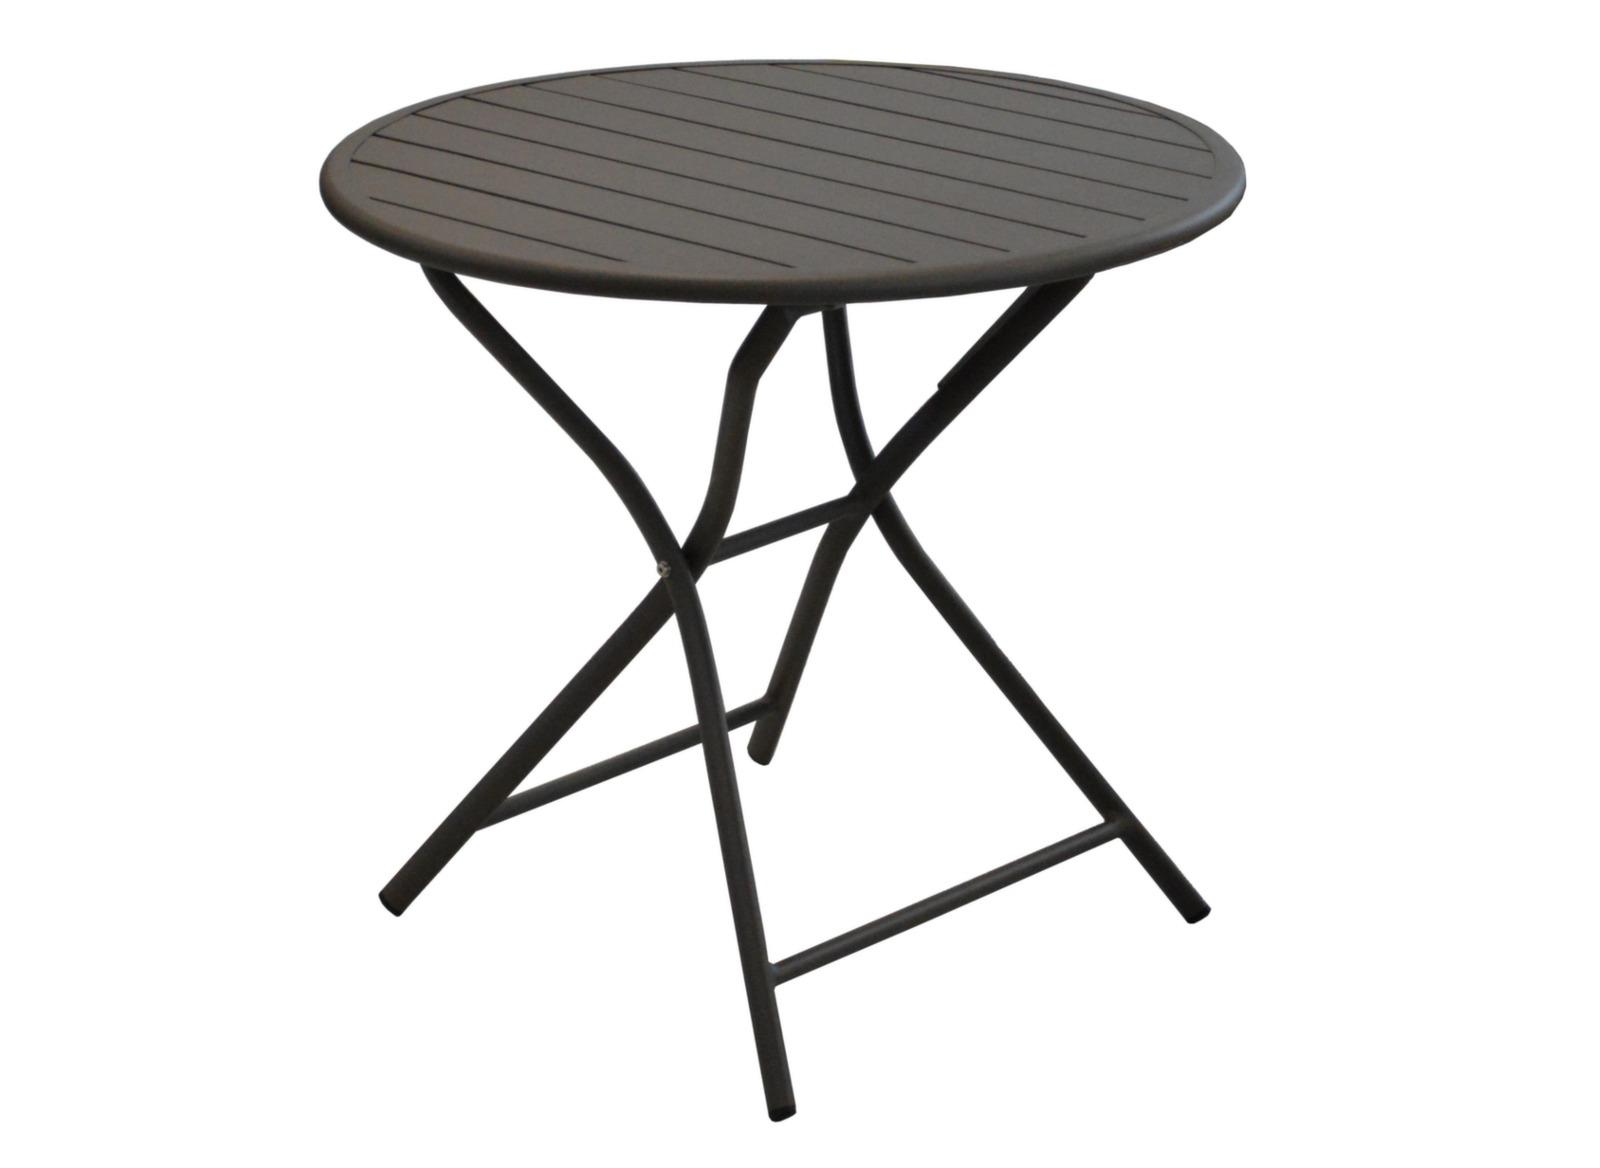 Tabouret pliant but affordable camping en plein air trpied pliant tabouret chaise pche fold - Table jardin aluminium la rochelle ...